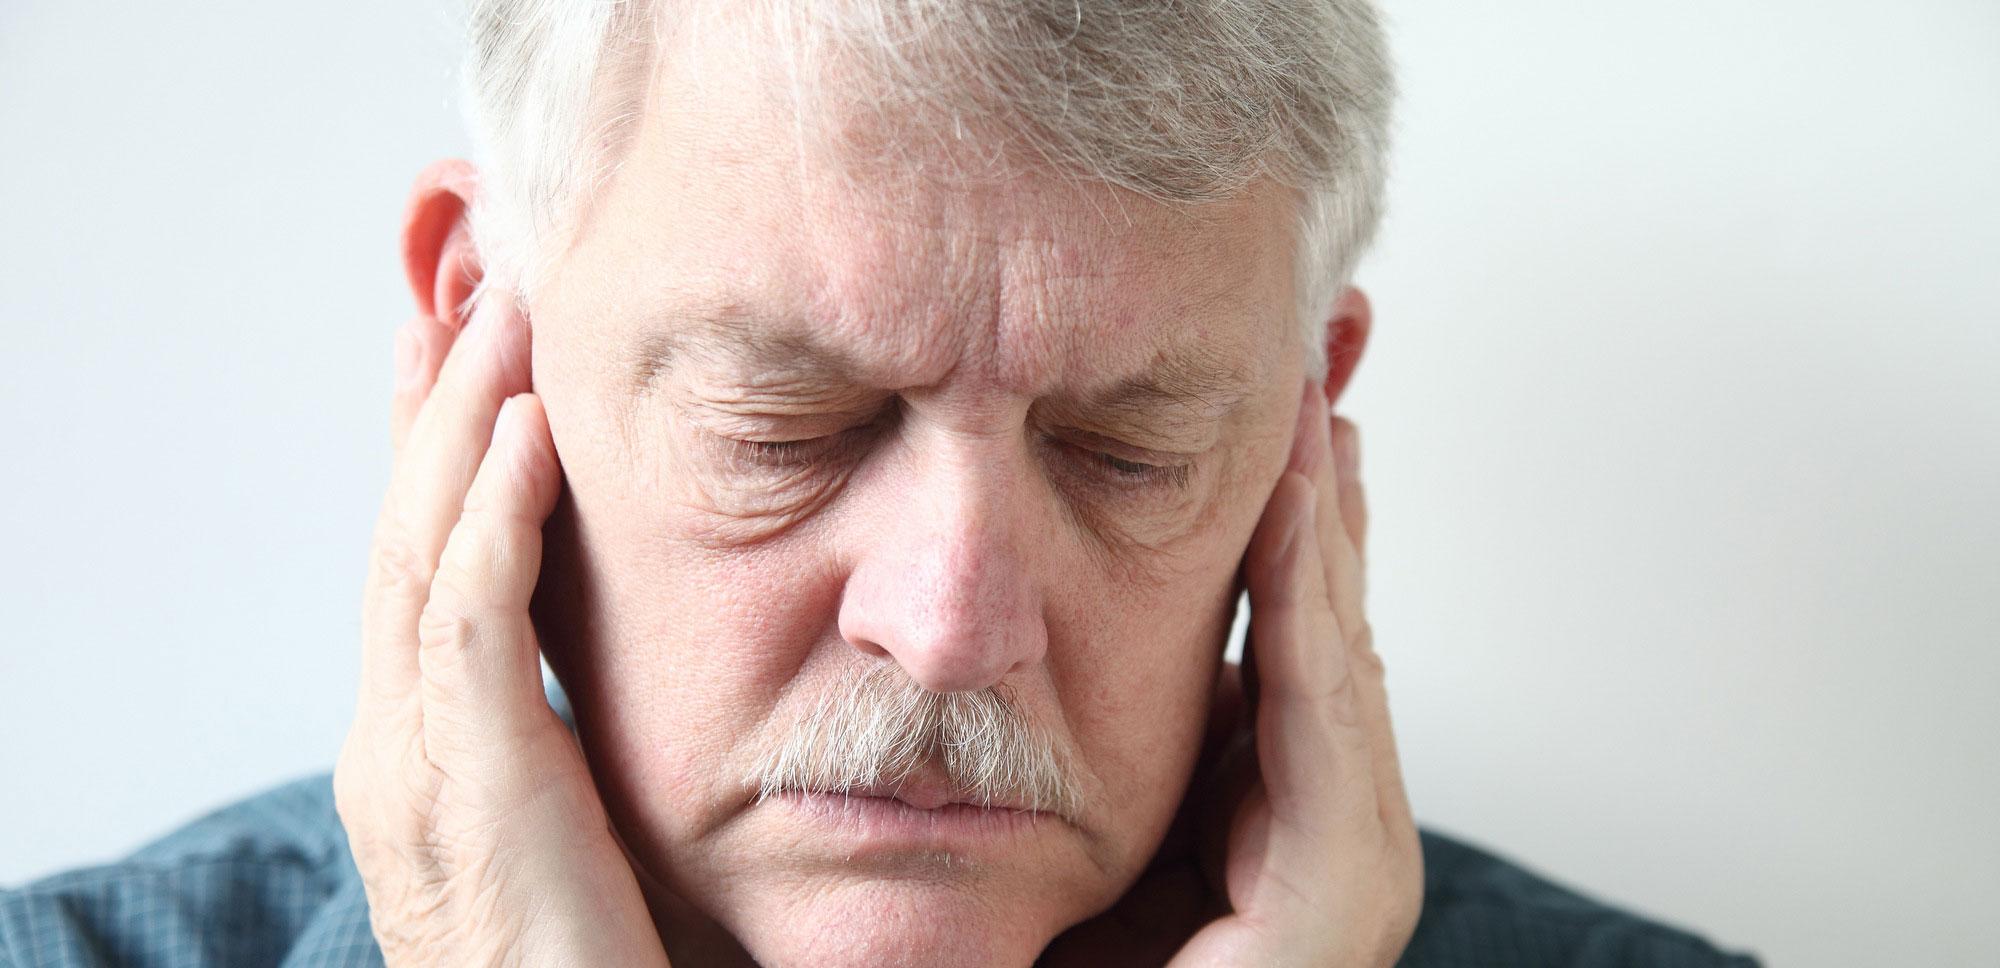 perda-auditiva-afeta-mente-corpo